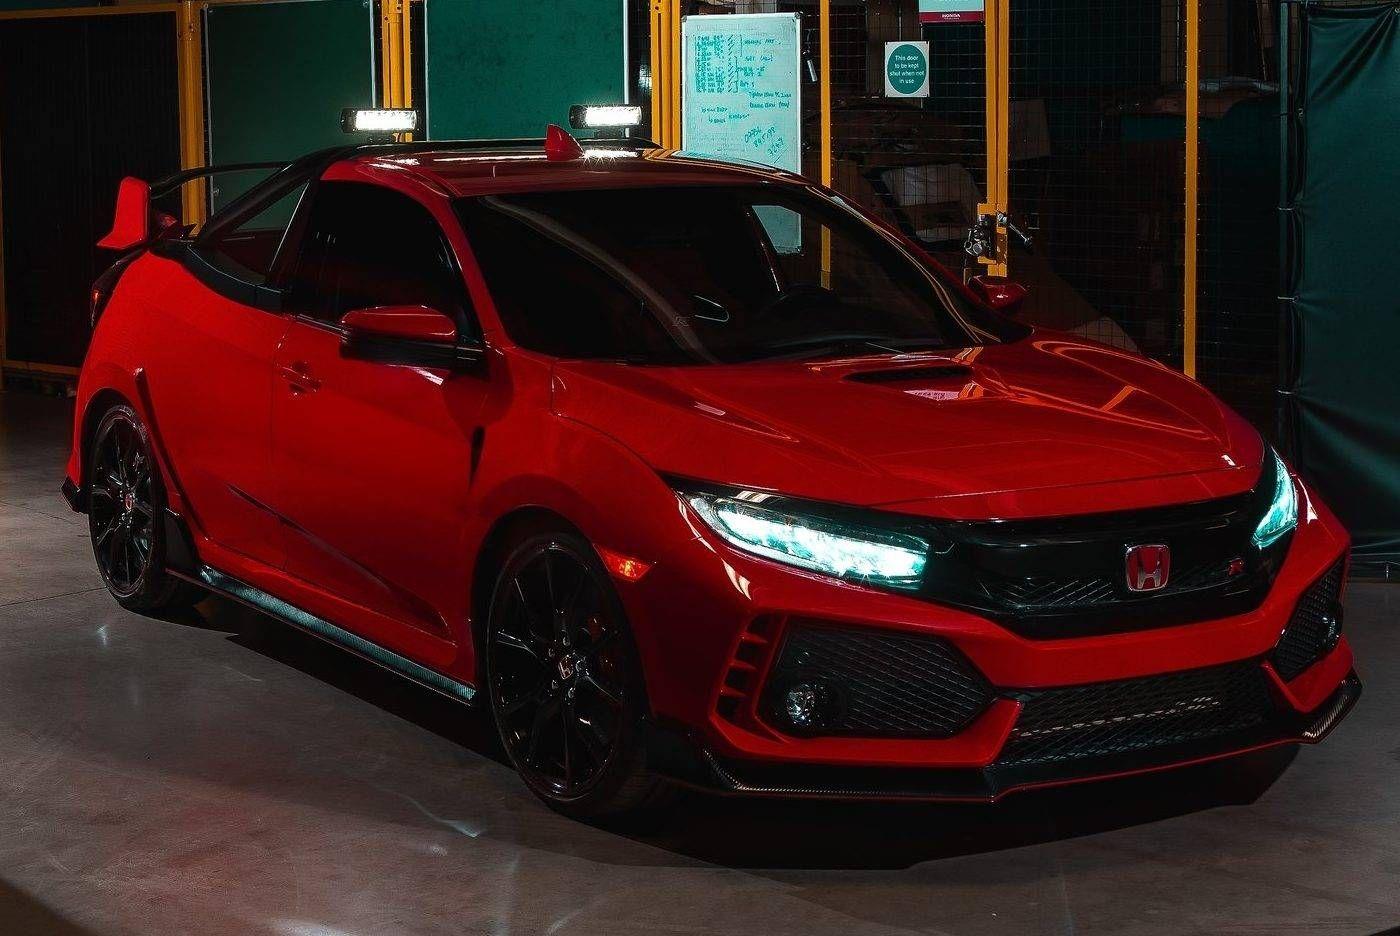 Honda transforma Civic Type R em picape imagens